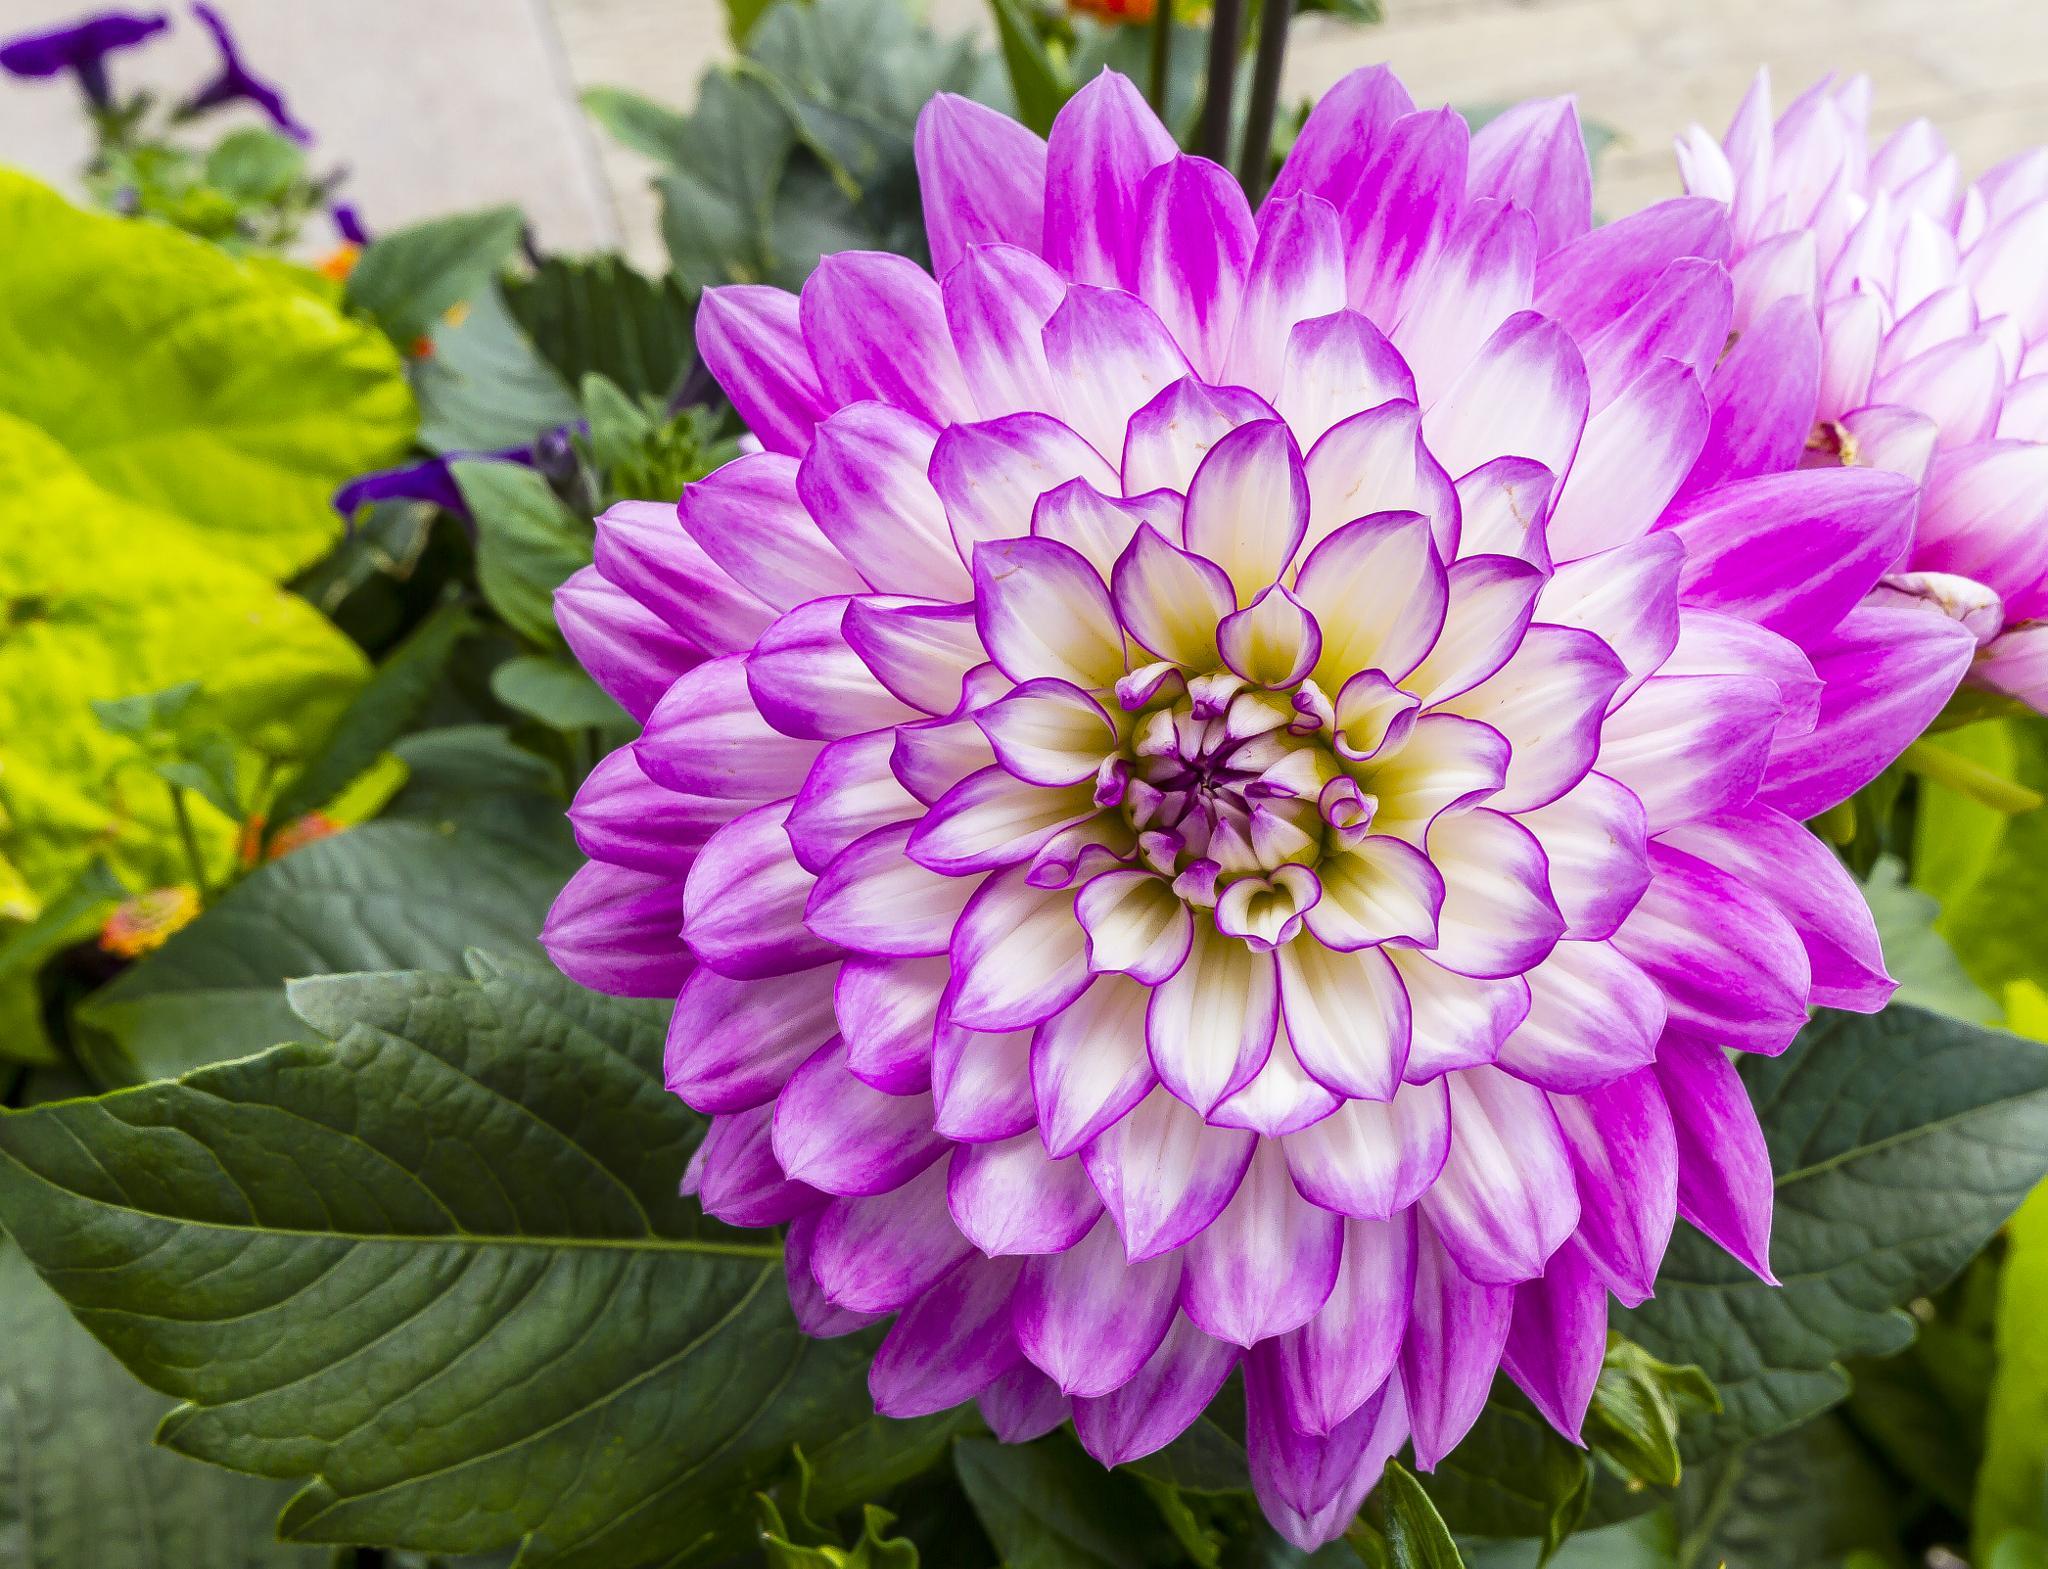 Purple Beauty by Joe Chrvala